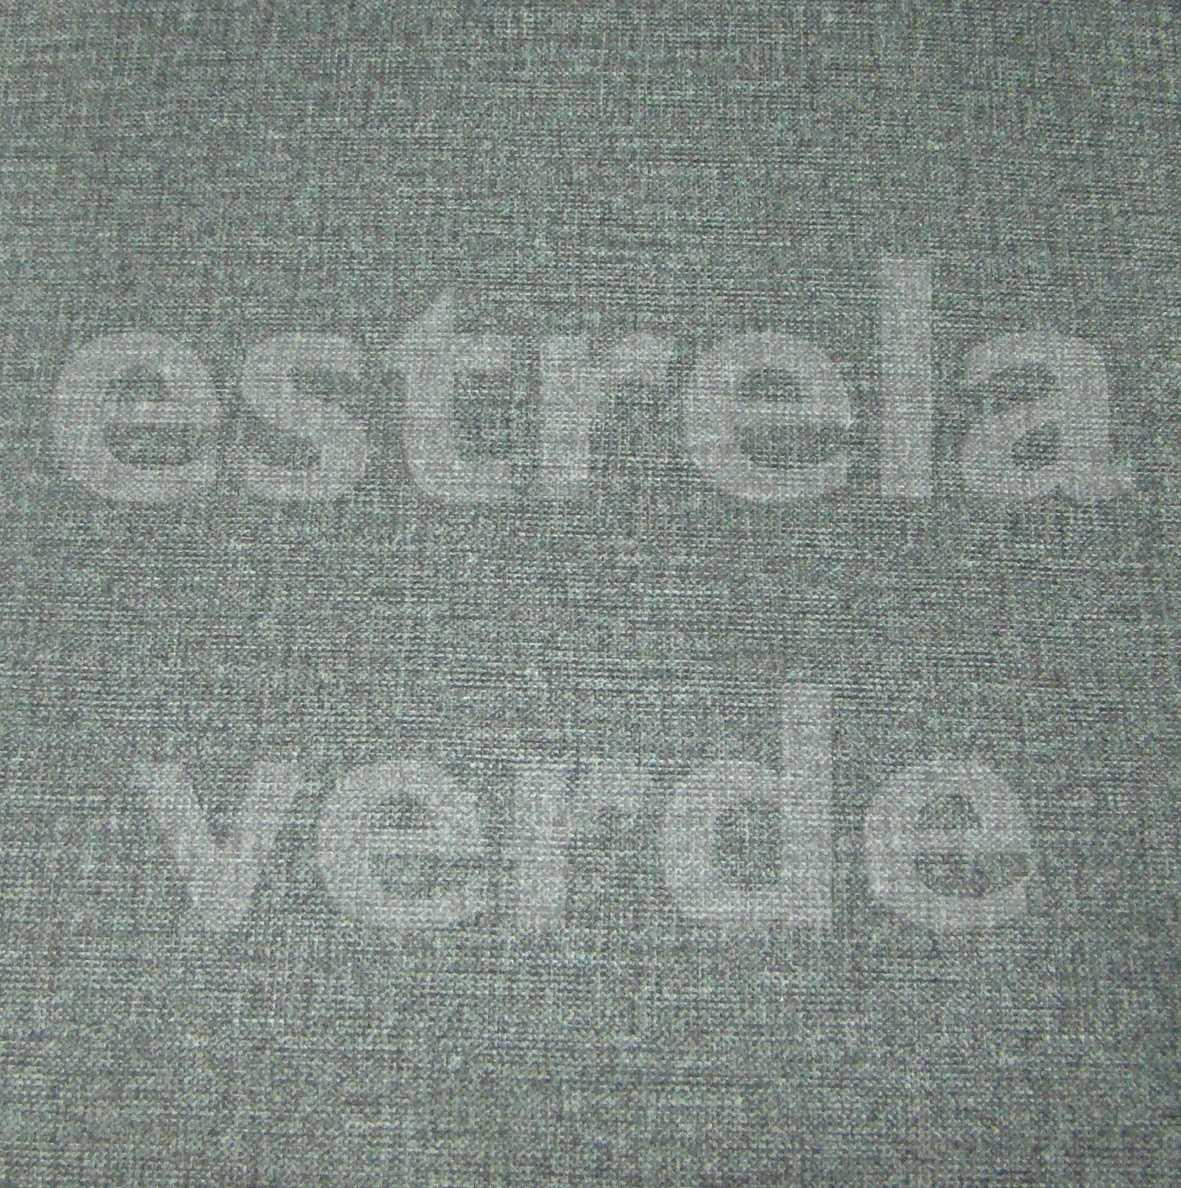 SUEDE BRUXELAS CINZA CLARO (107-37) (DESCONTINUADO  - Estrela Verde